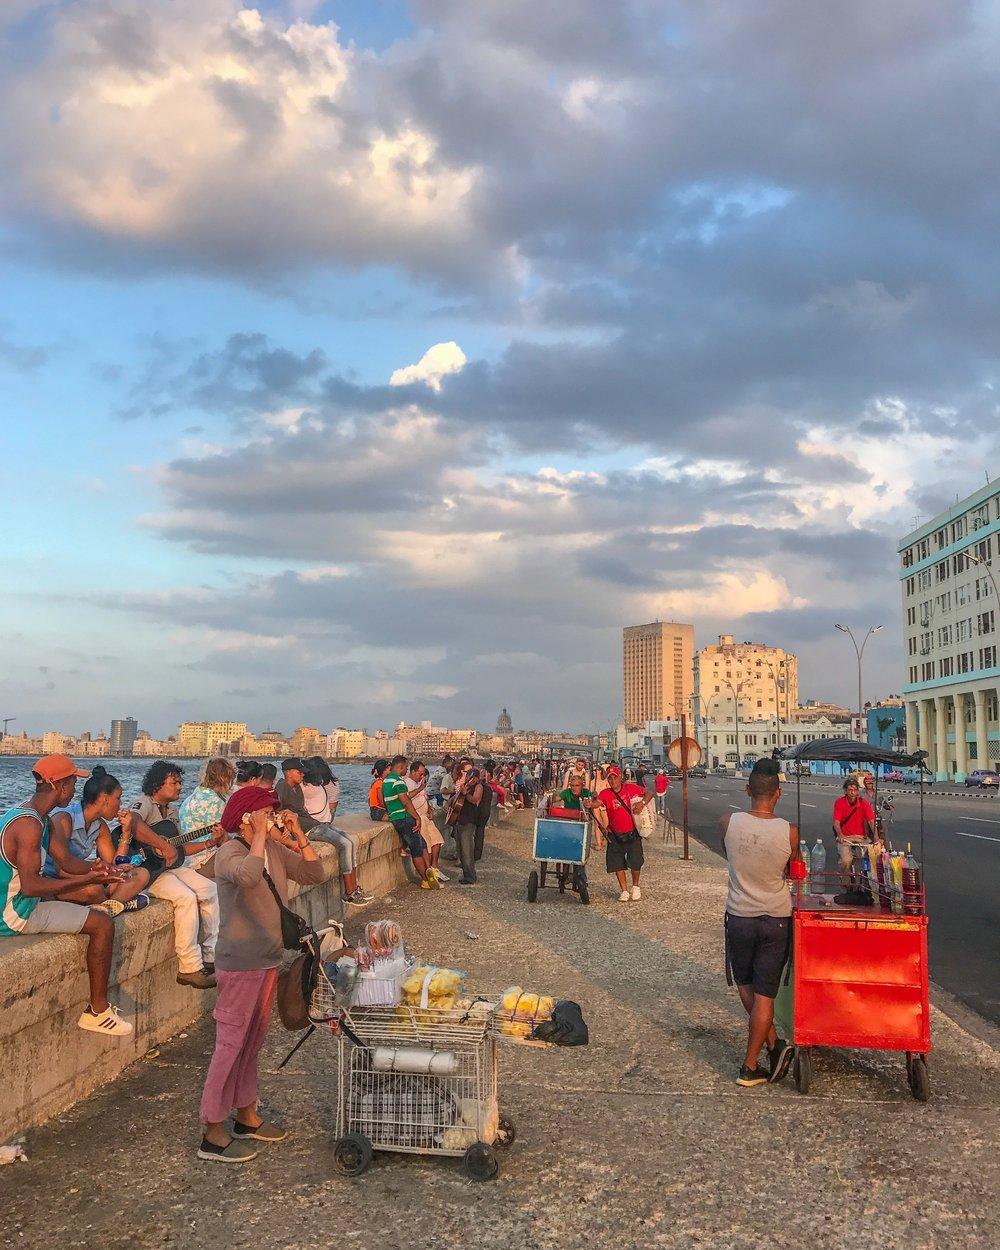 Havana's busy Malecon